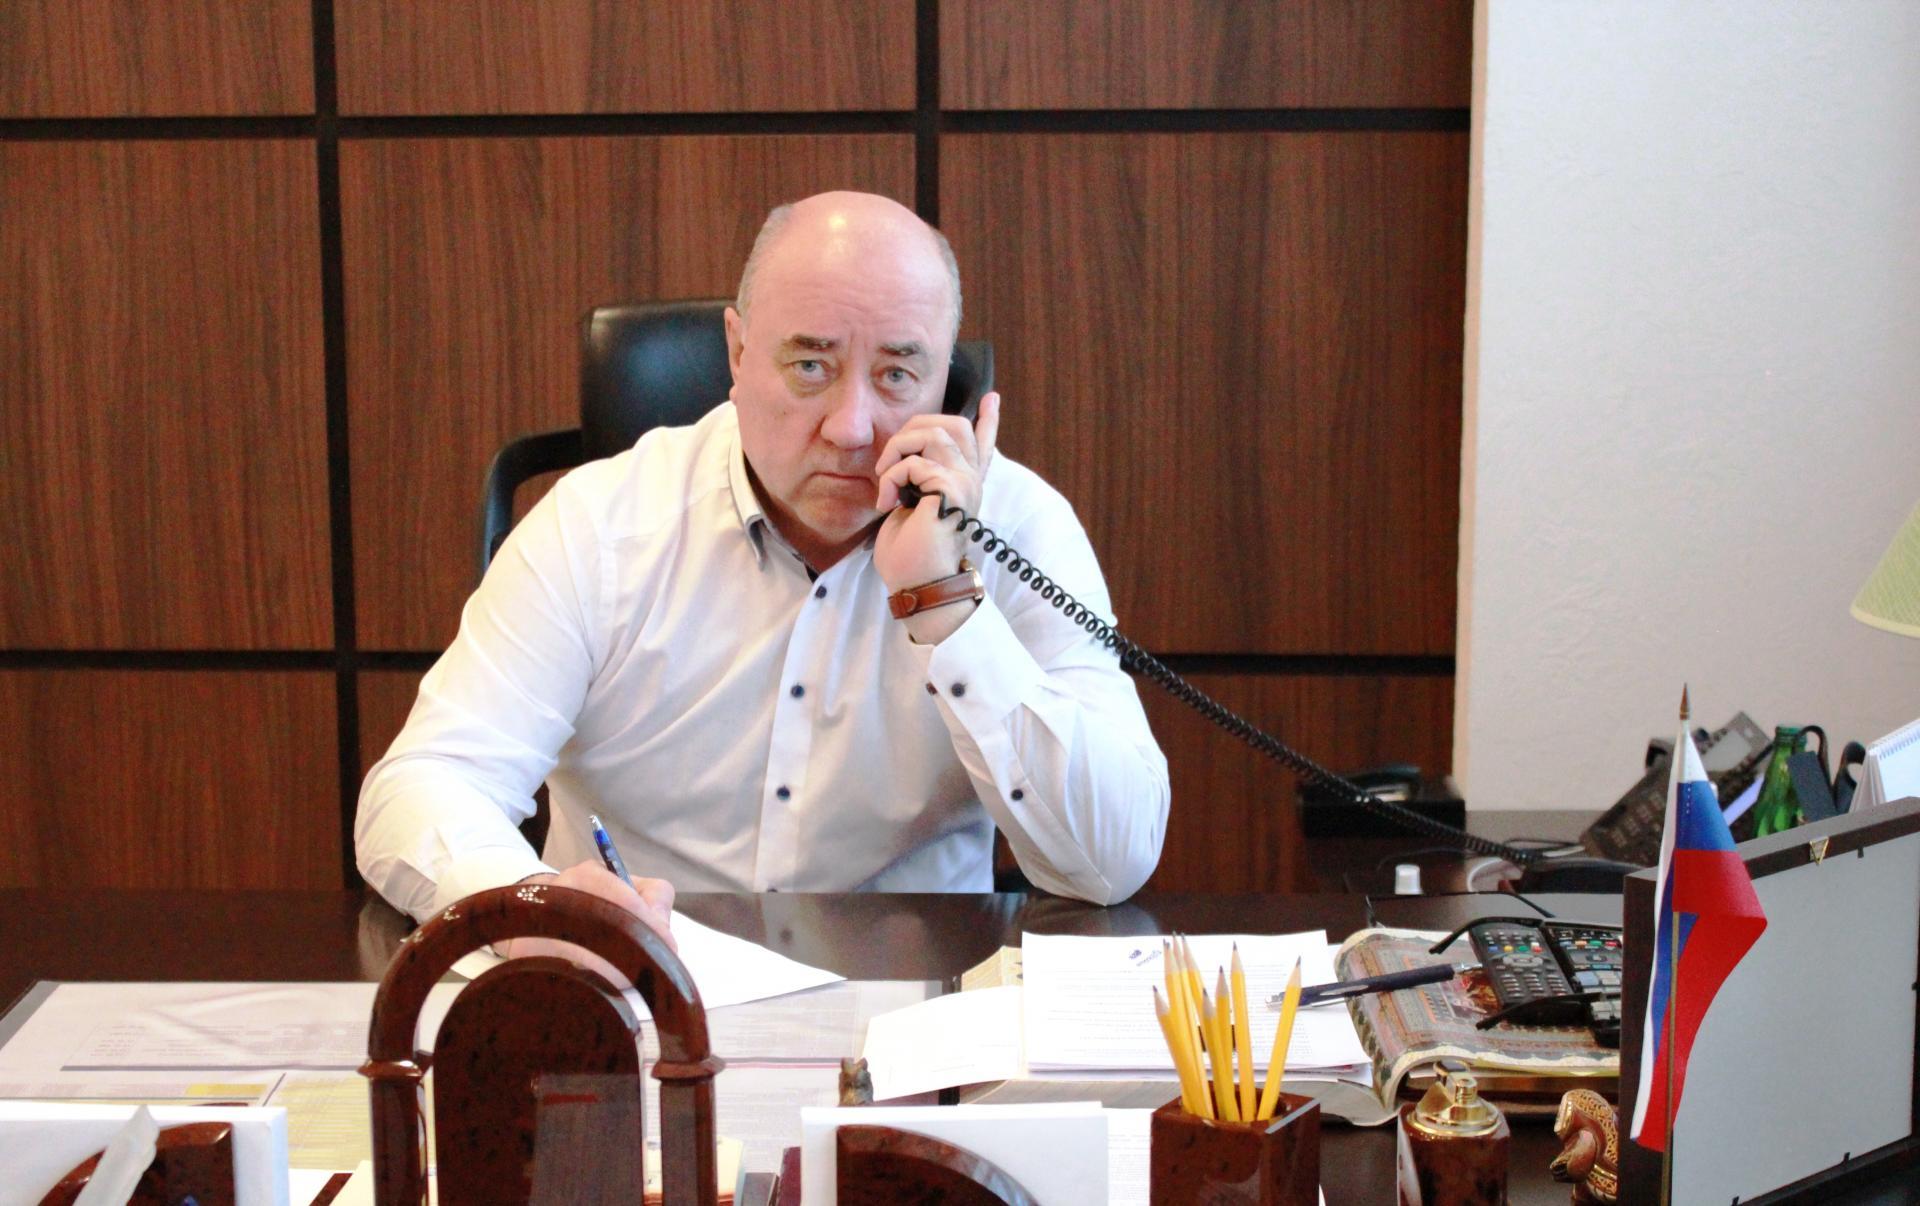 Уважают ли губернатора Ивана Белозерцева депутаты Пензенской области, будет ясно в январе 2021 года